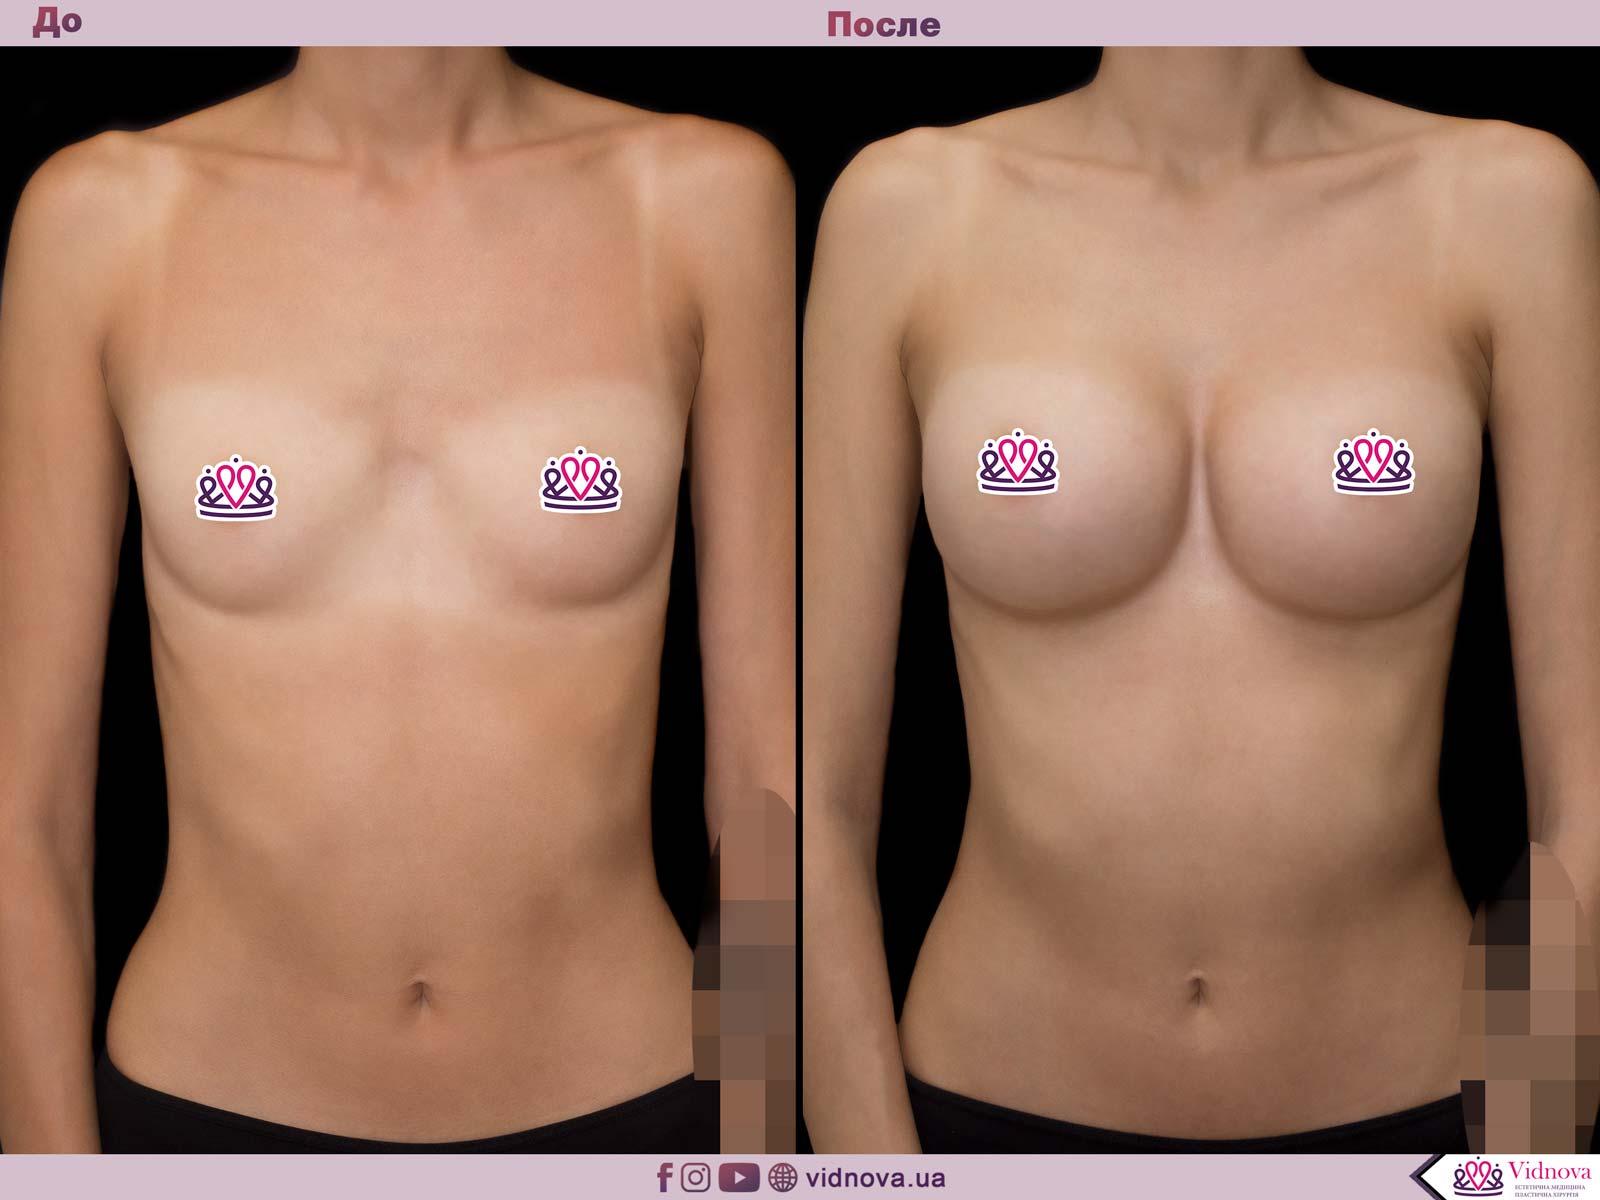 Пластика груди: результаты до и после - Пример №60-0 - Светлана Работенко